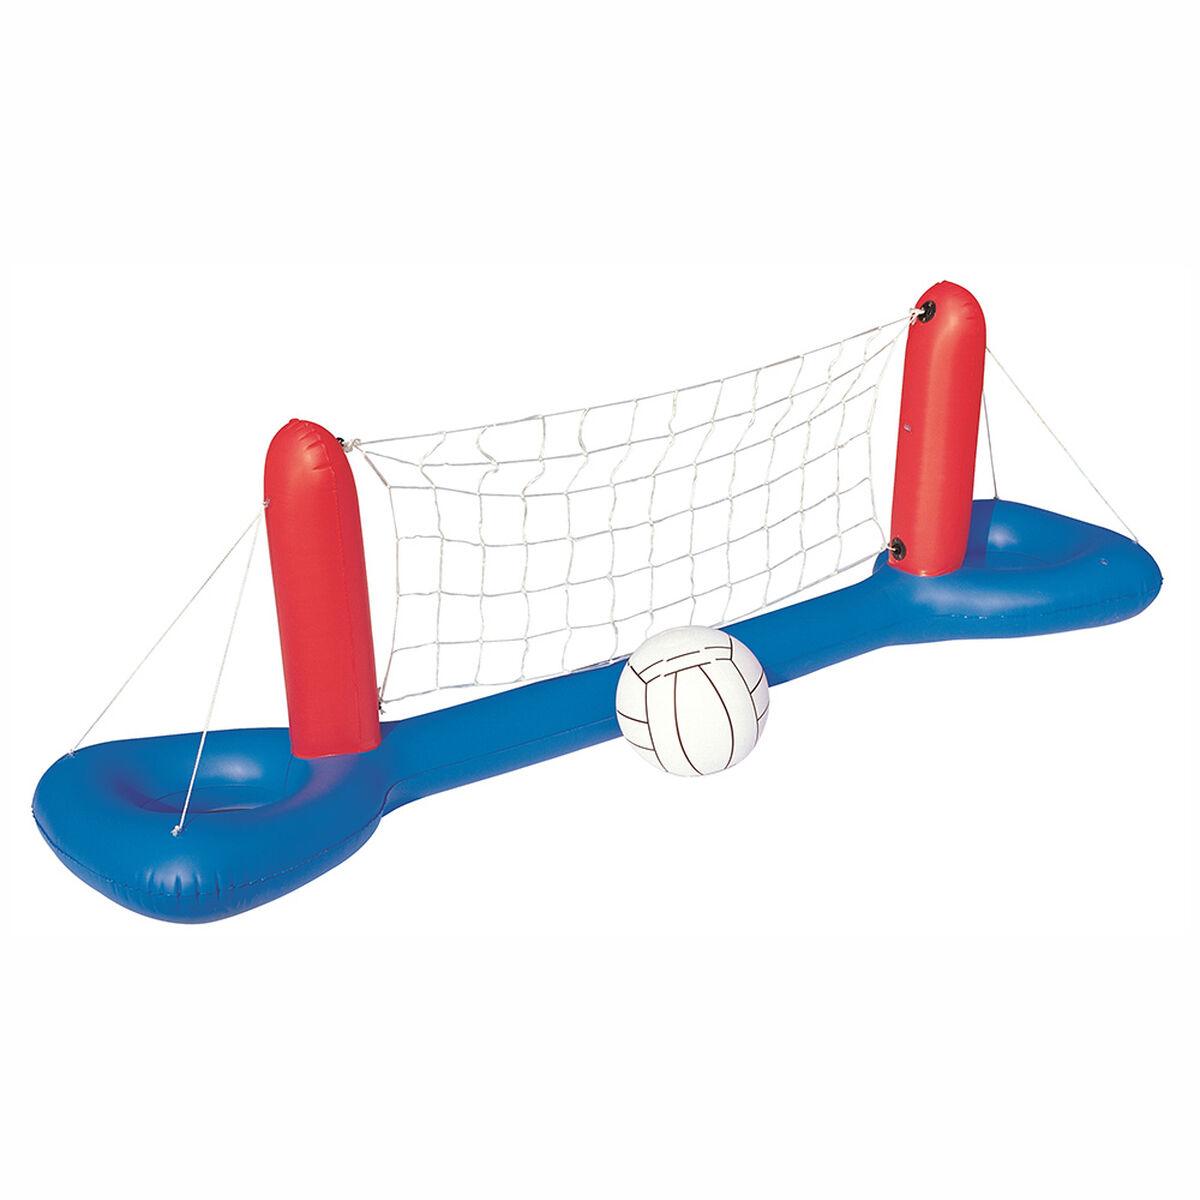 Juego de Voleibol Inflable Bestway